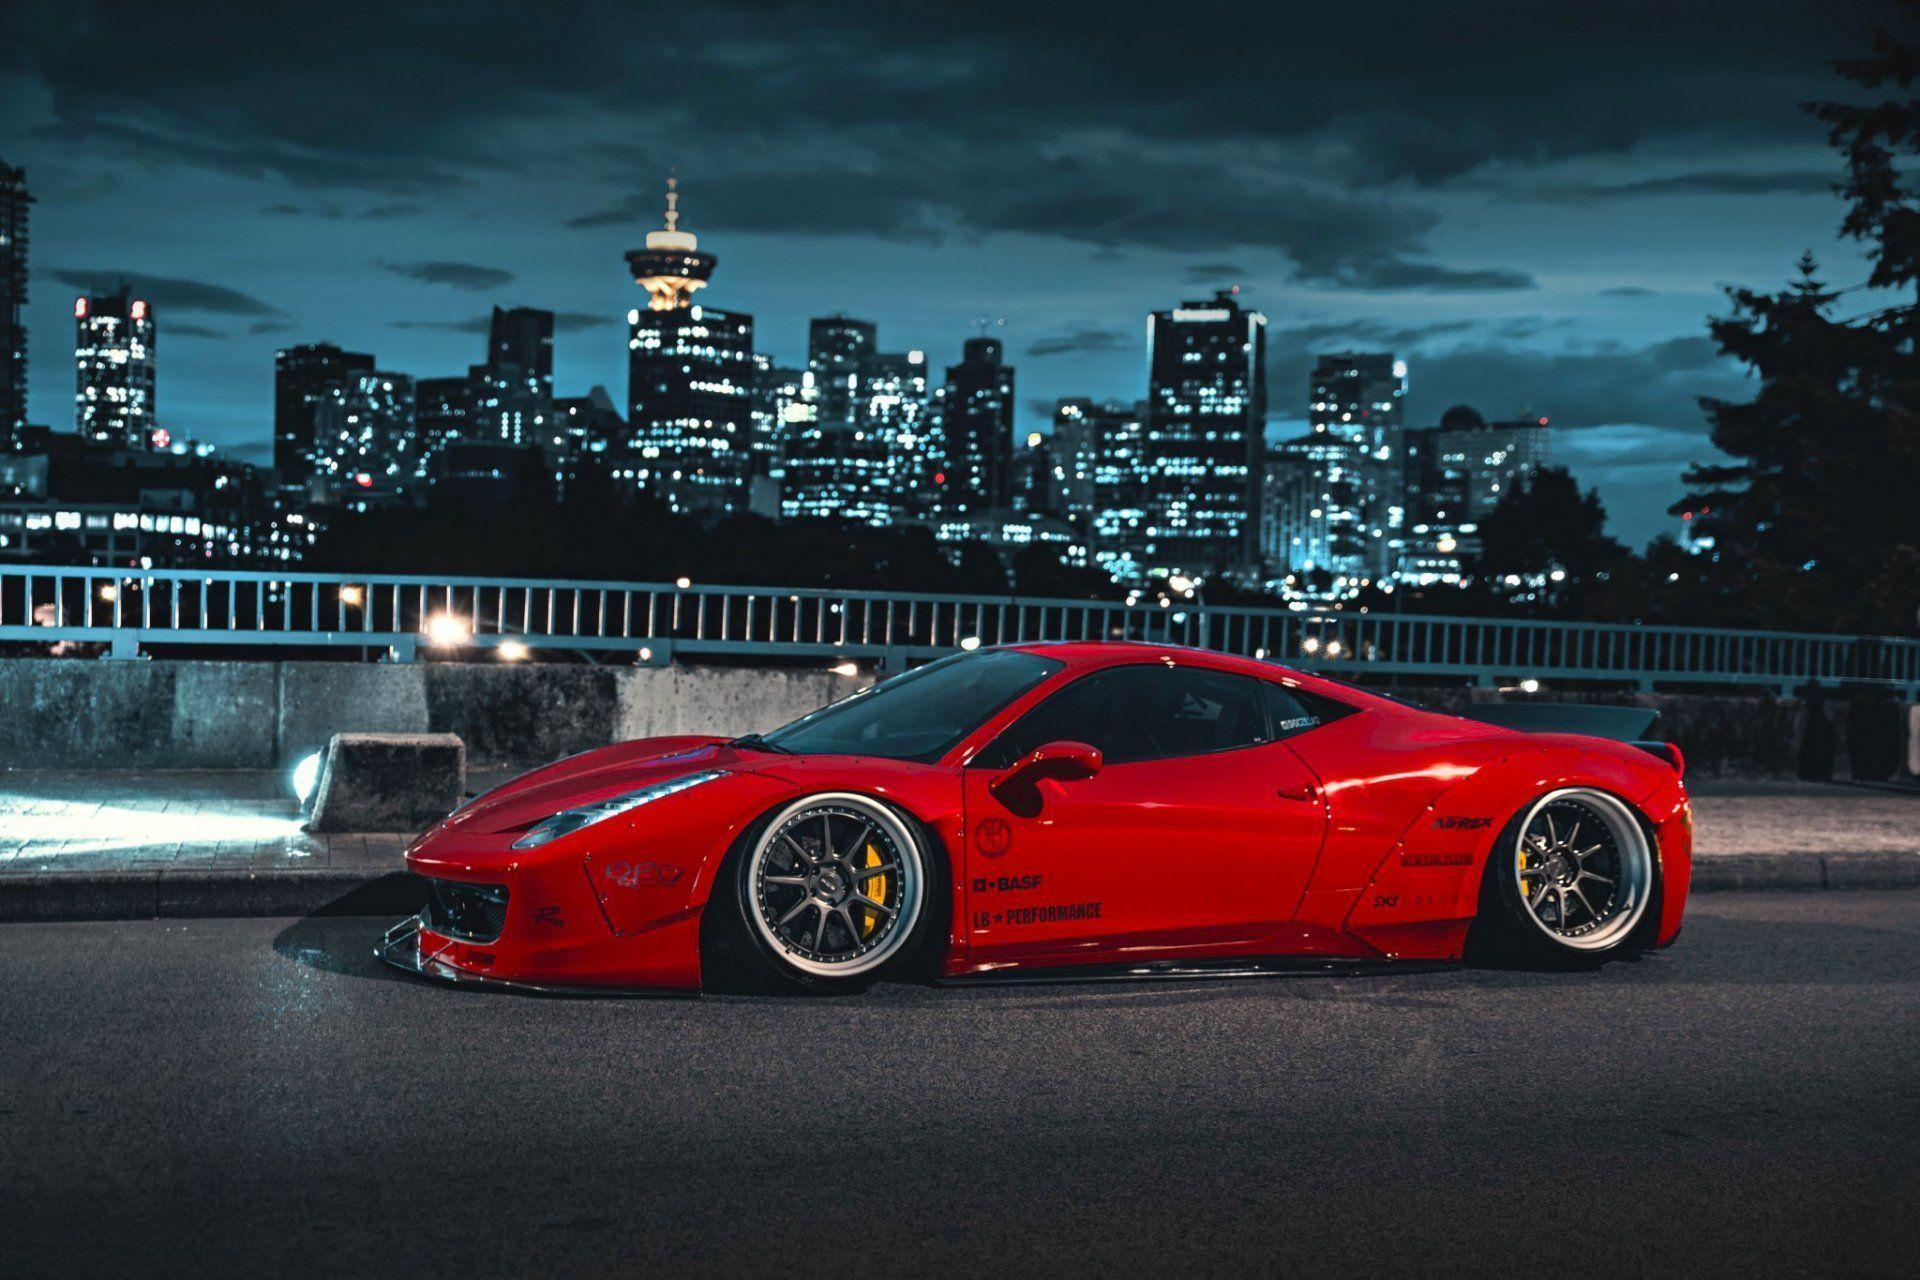 Ferrari Italia Liberty Walk Red Body Kit City Hd Wallpaper